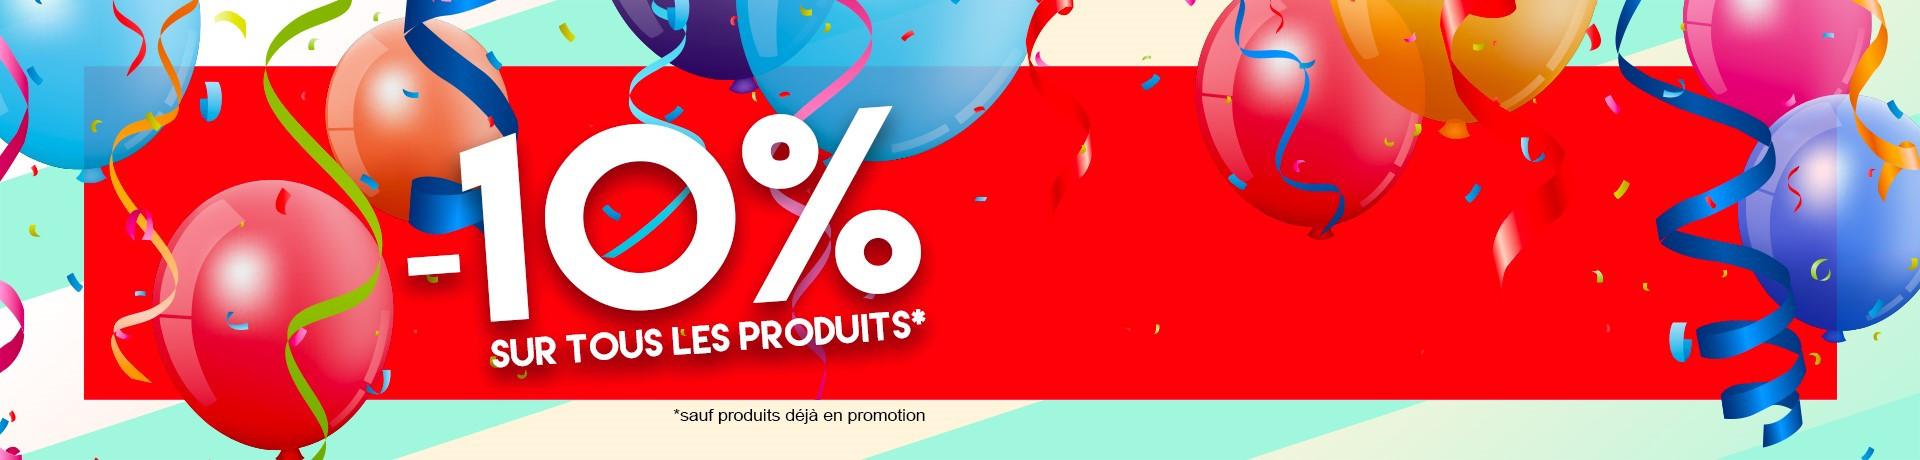 somagic-anniversaire-eboutique-remise-10%